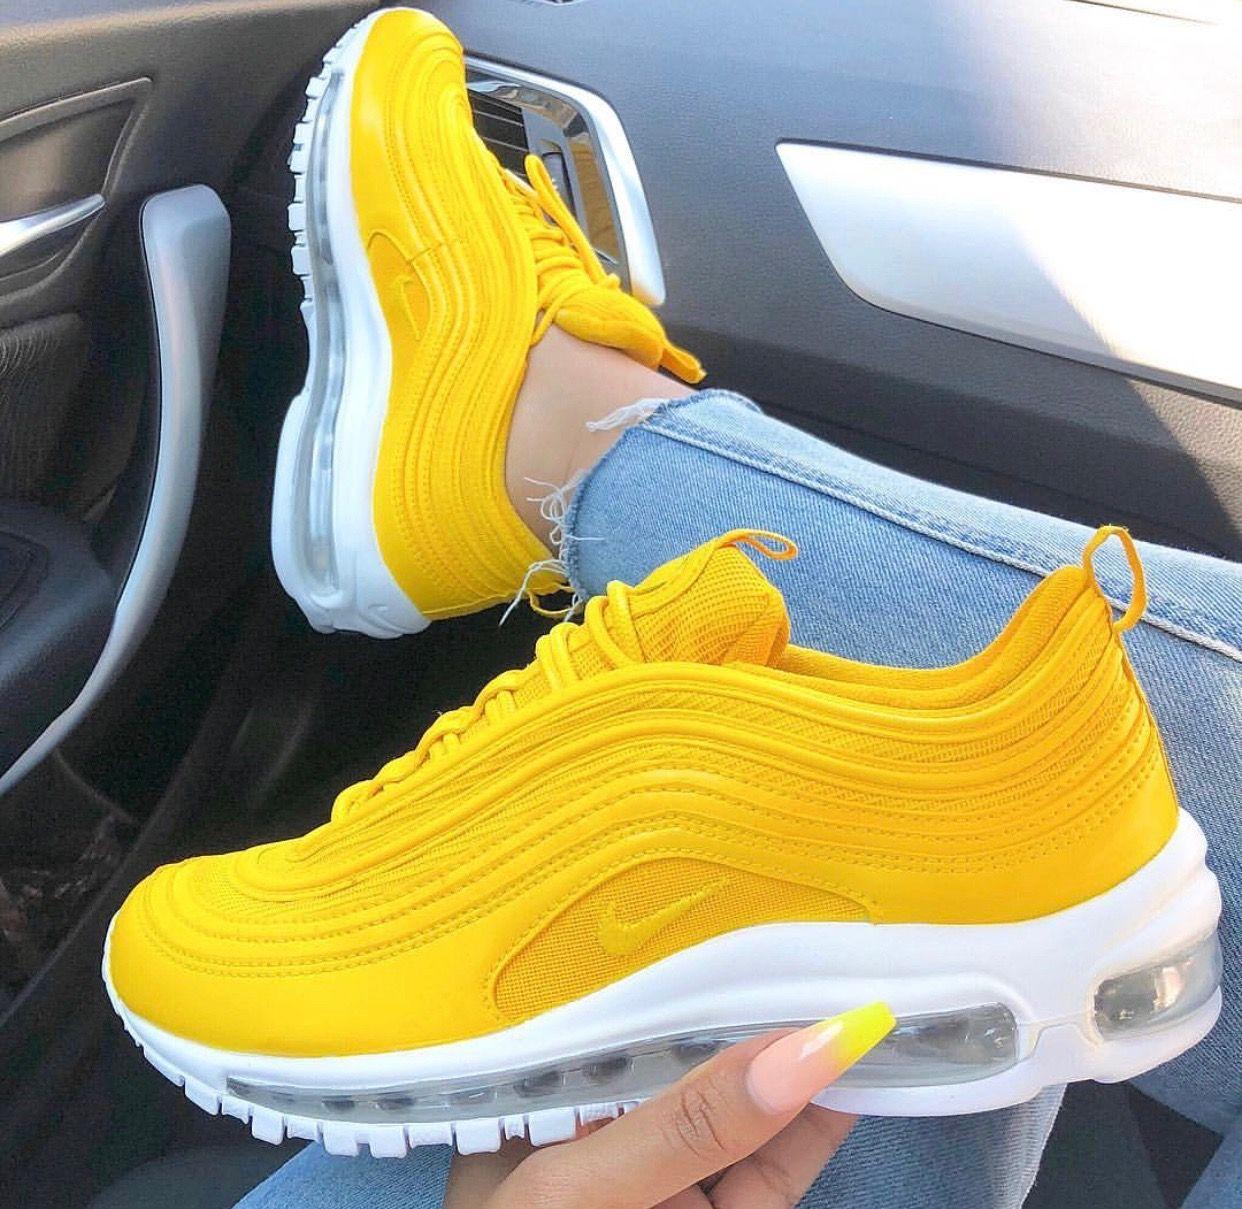 Pin de Josephine Torres em Health | Sapatos amarelos